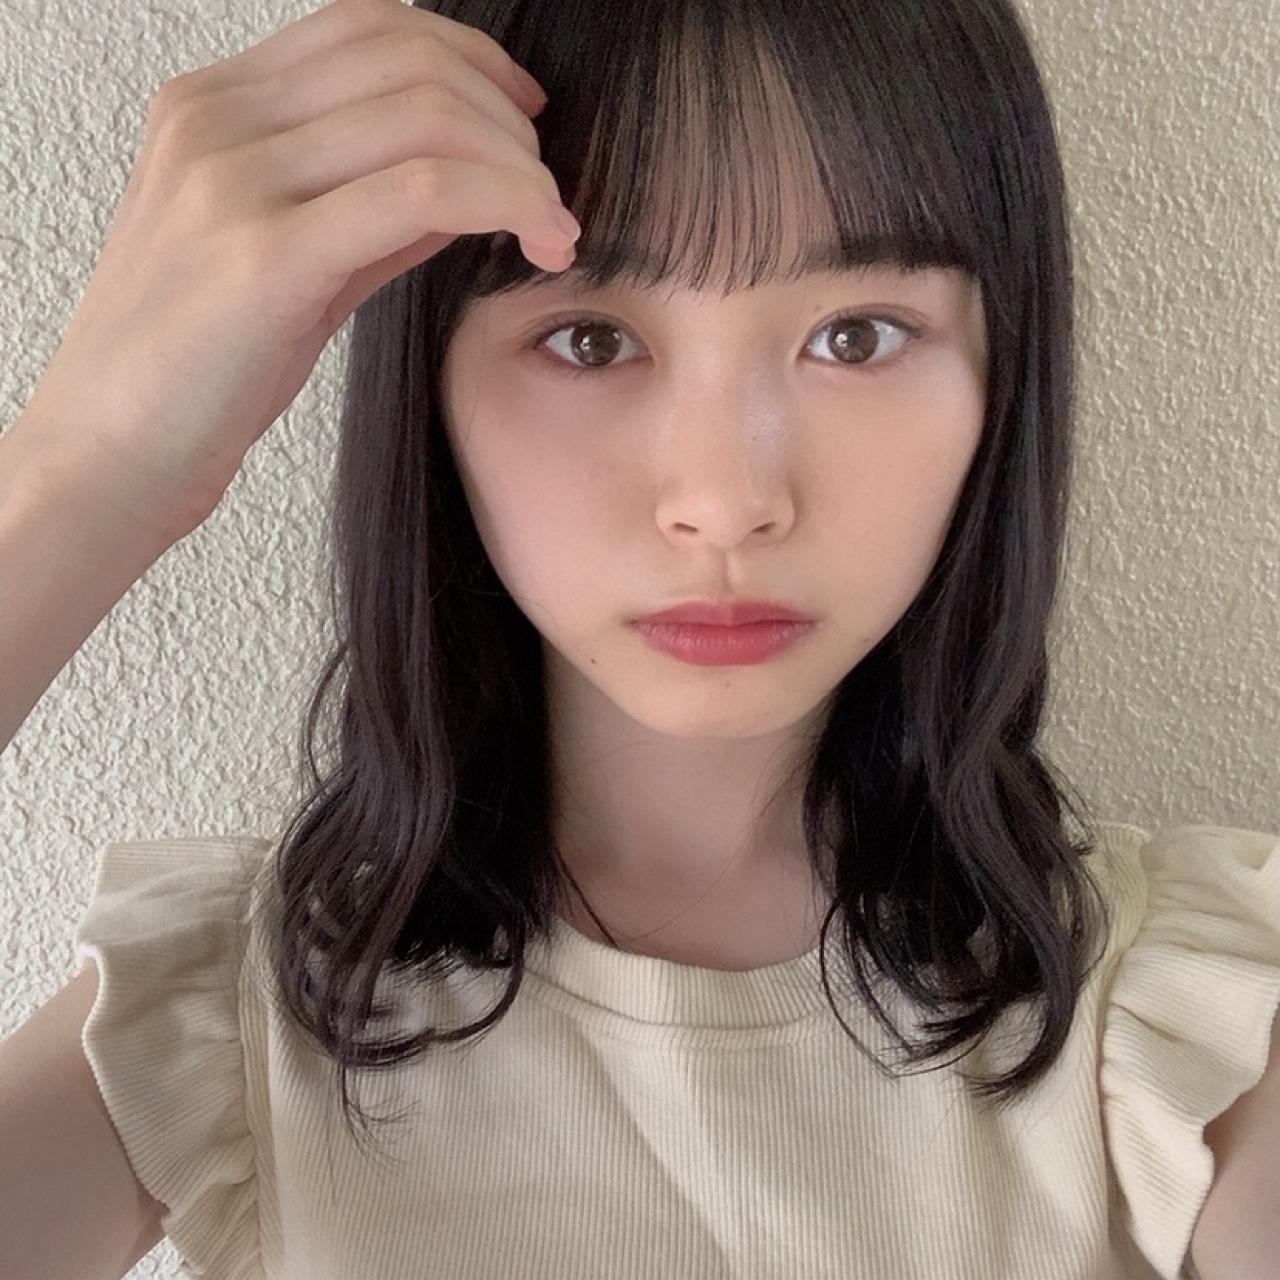 髙橋未来虹ちゃんの「釣りタイ」